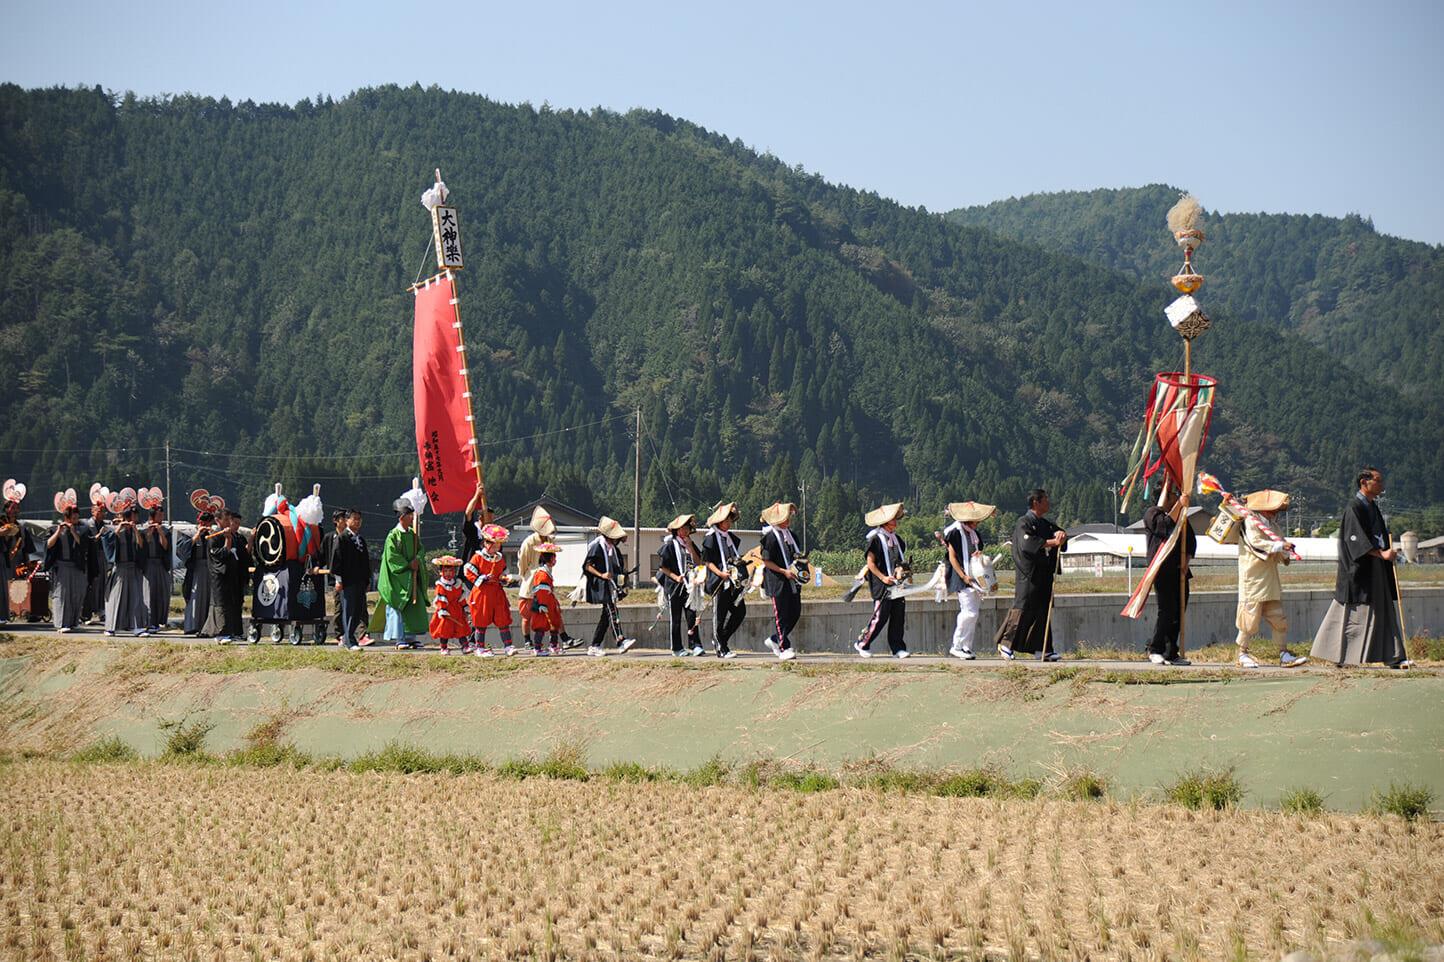 戸隠神社祭礼(九頭の祭) スライダー画像1